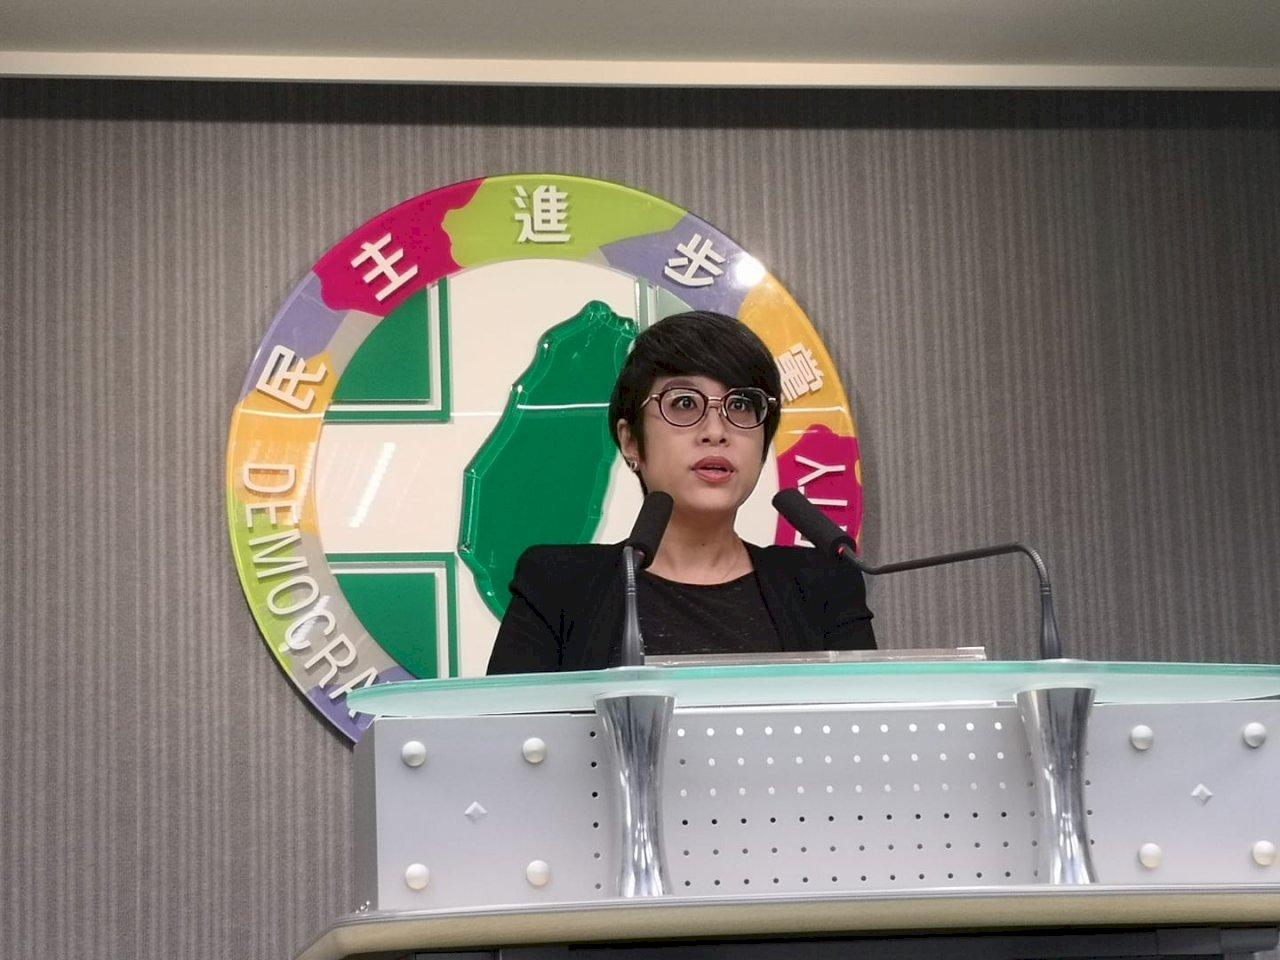 民進黨捐777萬元飛行夾克政治獻金 用於武漢肺炎防疫